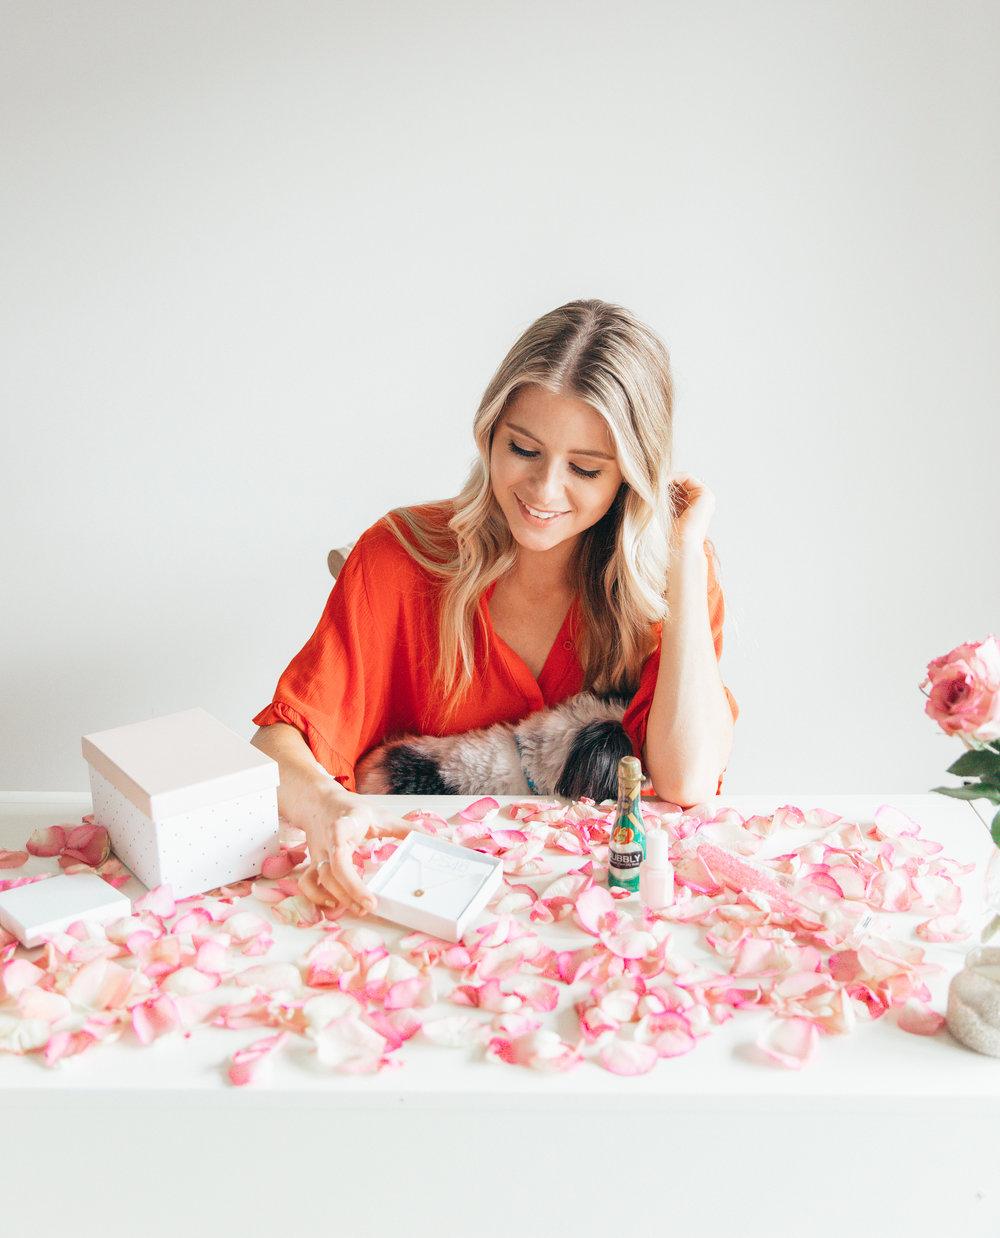 bridesmaid gifts-14.jpg